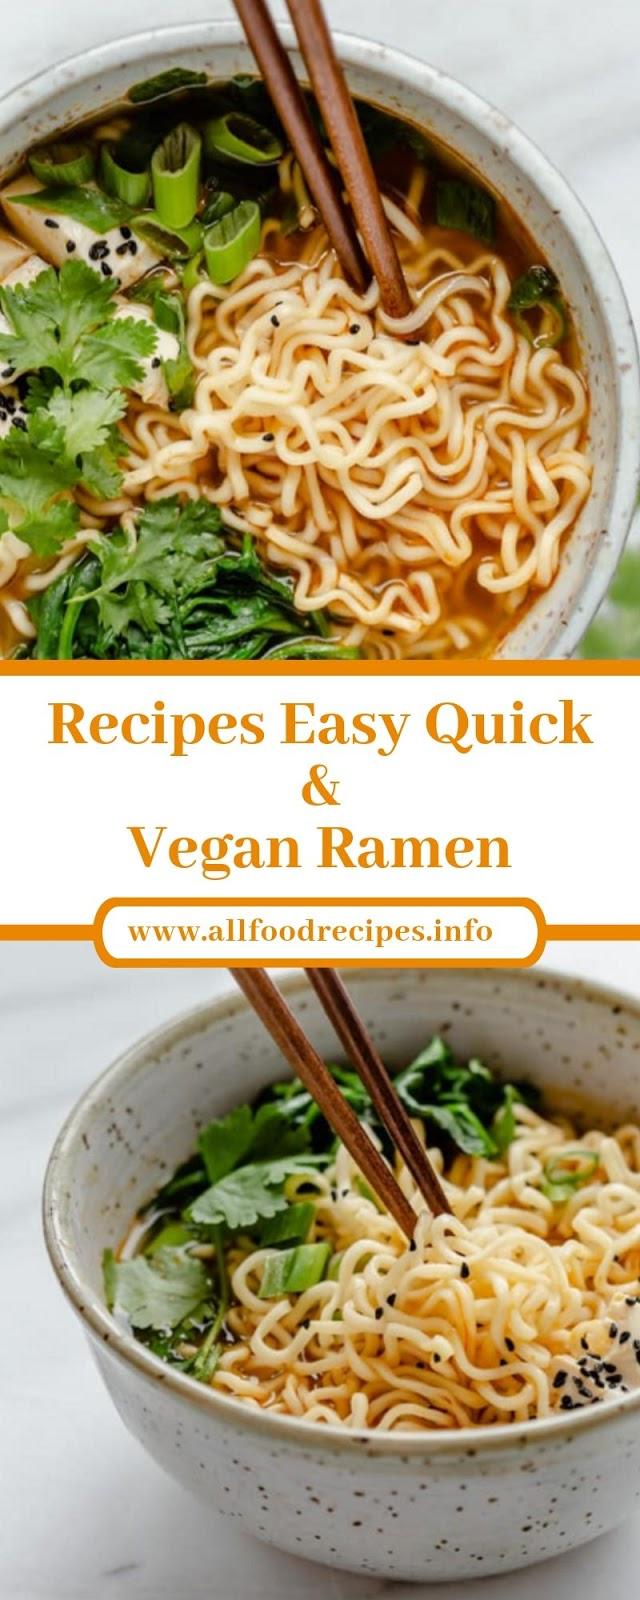 Recipes Easy Quick & Vegan Ramen